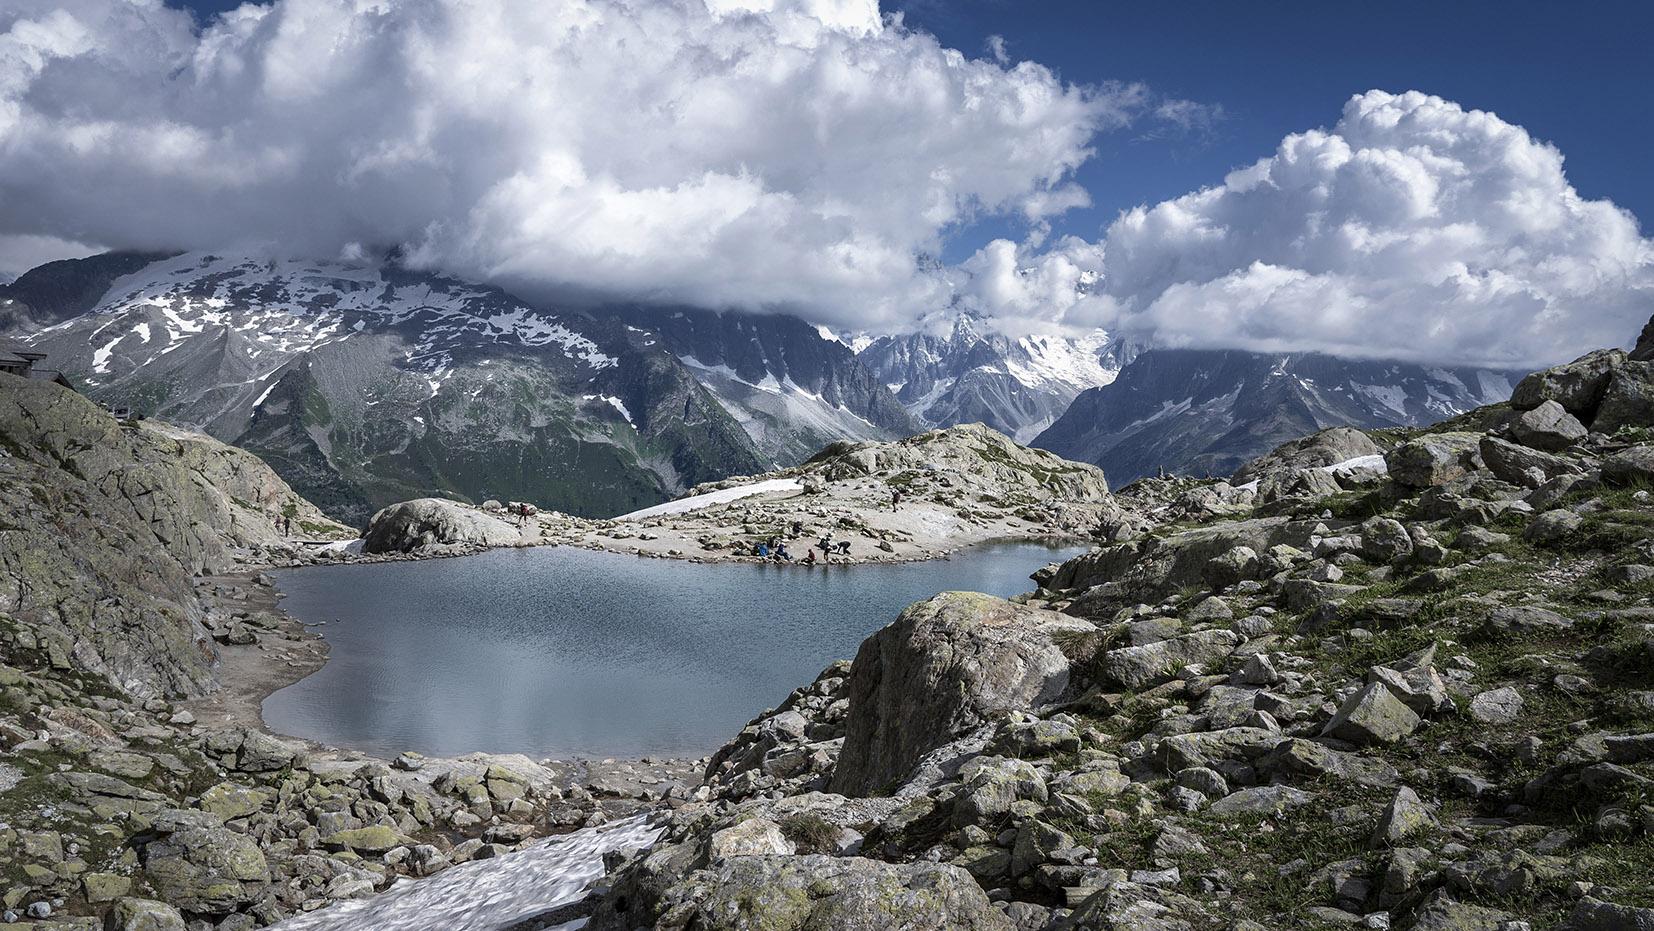 Randonnée lac Blanc eau verte nuages montagnes